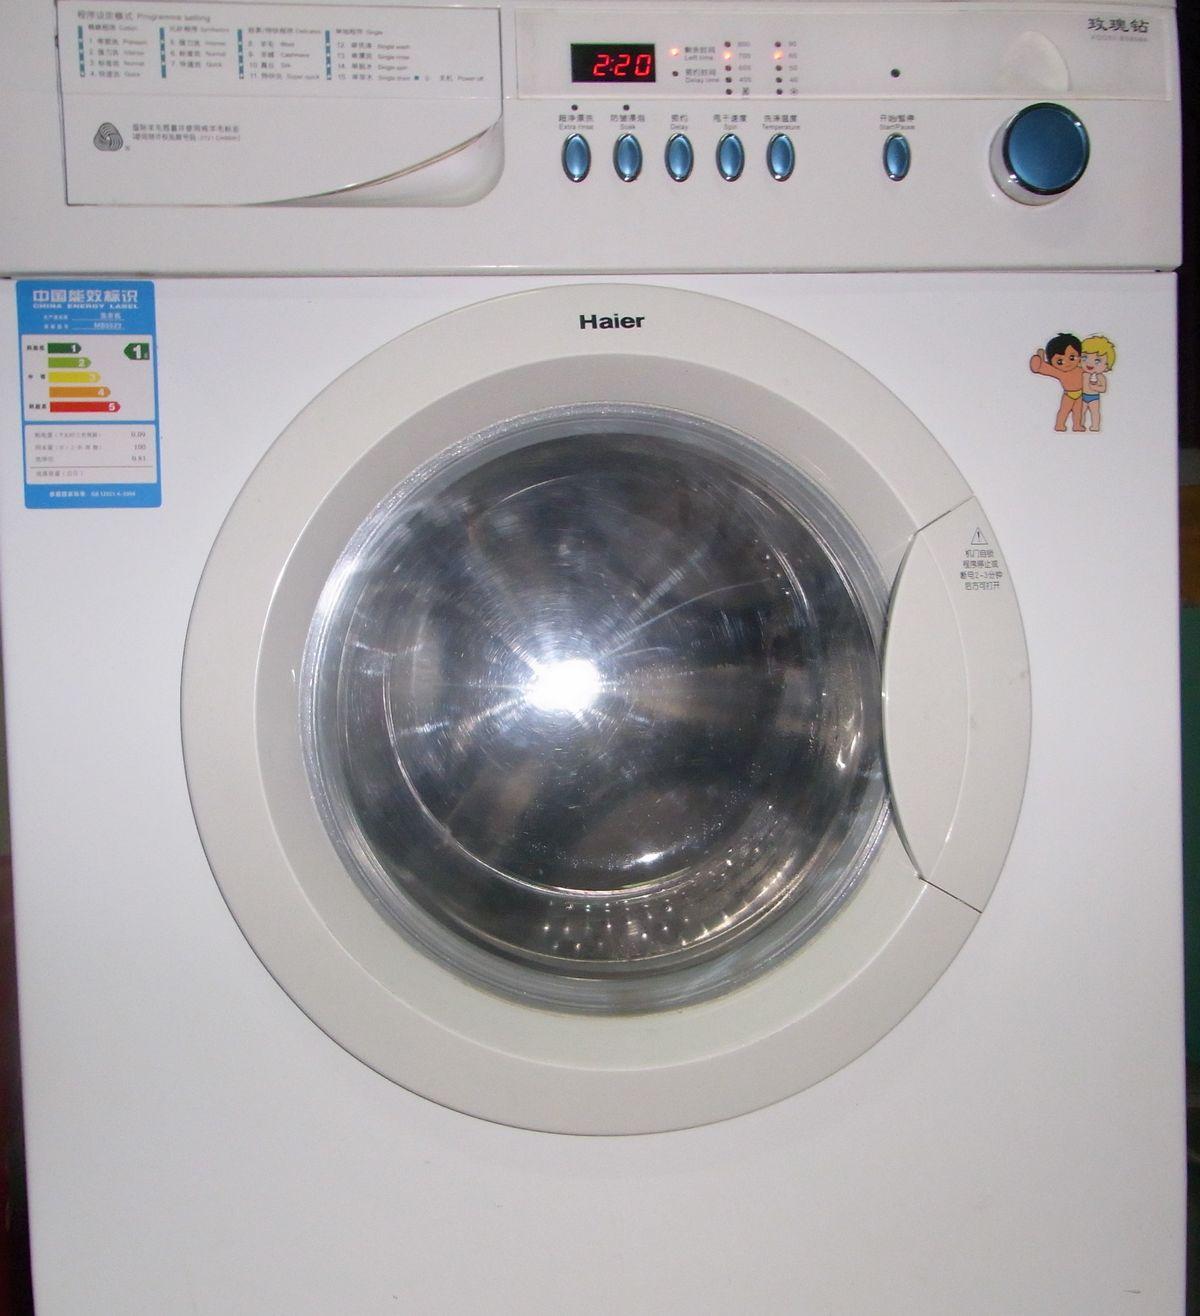 海尔玫瑰钻滚桶洗衣机